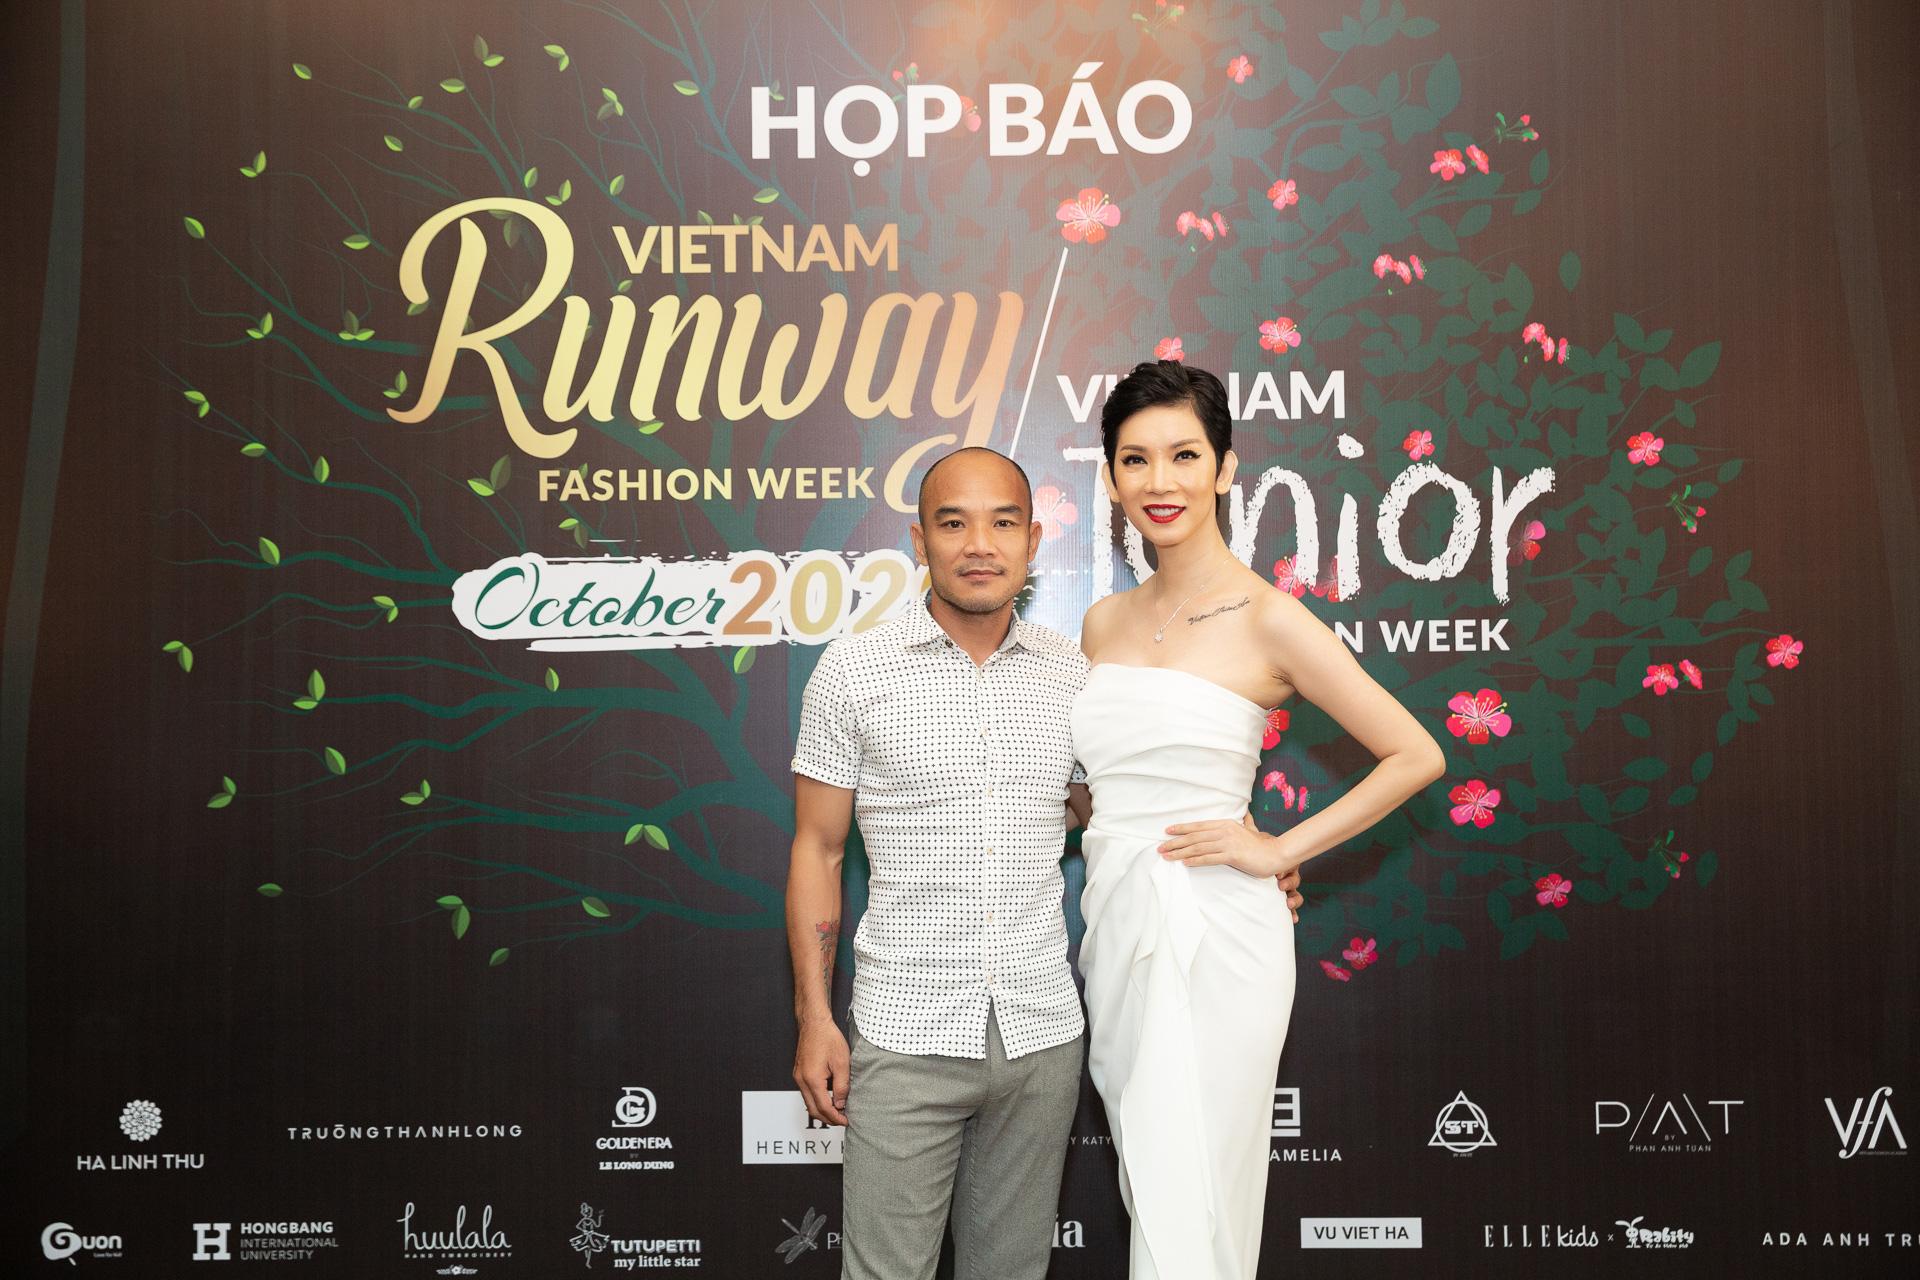 Hoàng Hải, Hà Linh Thư mở màn show diễn thời trang Vietnam Runway Fashion Week  - Ảnh 4.